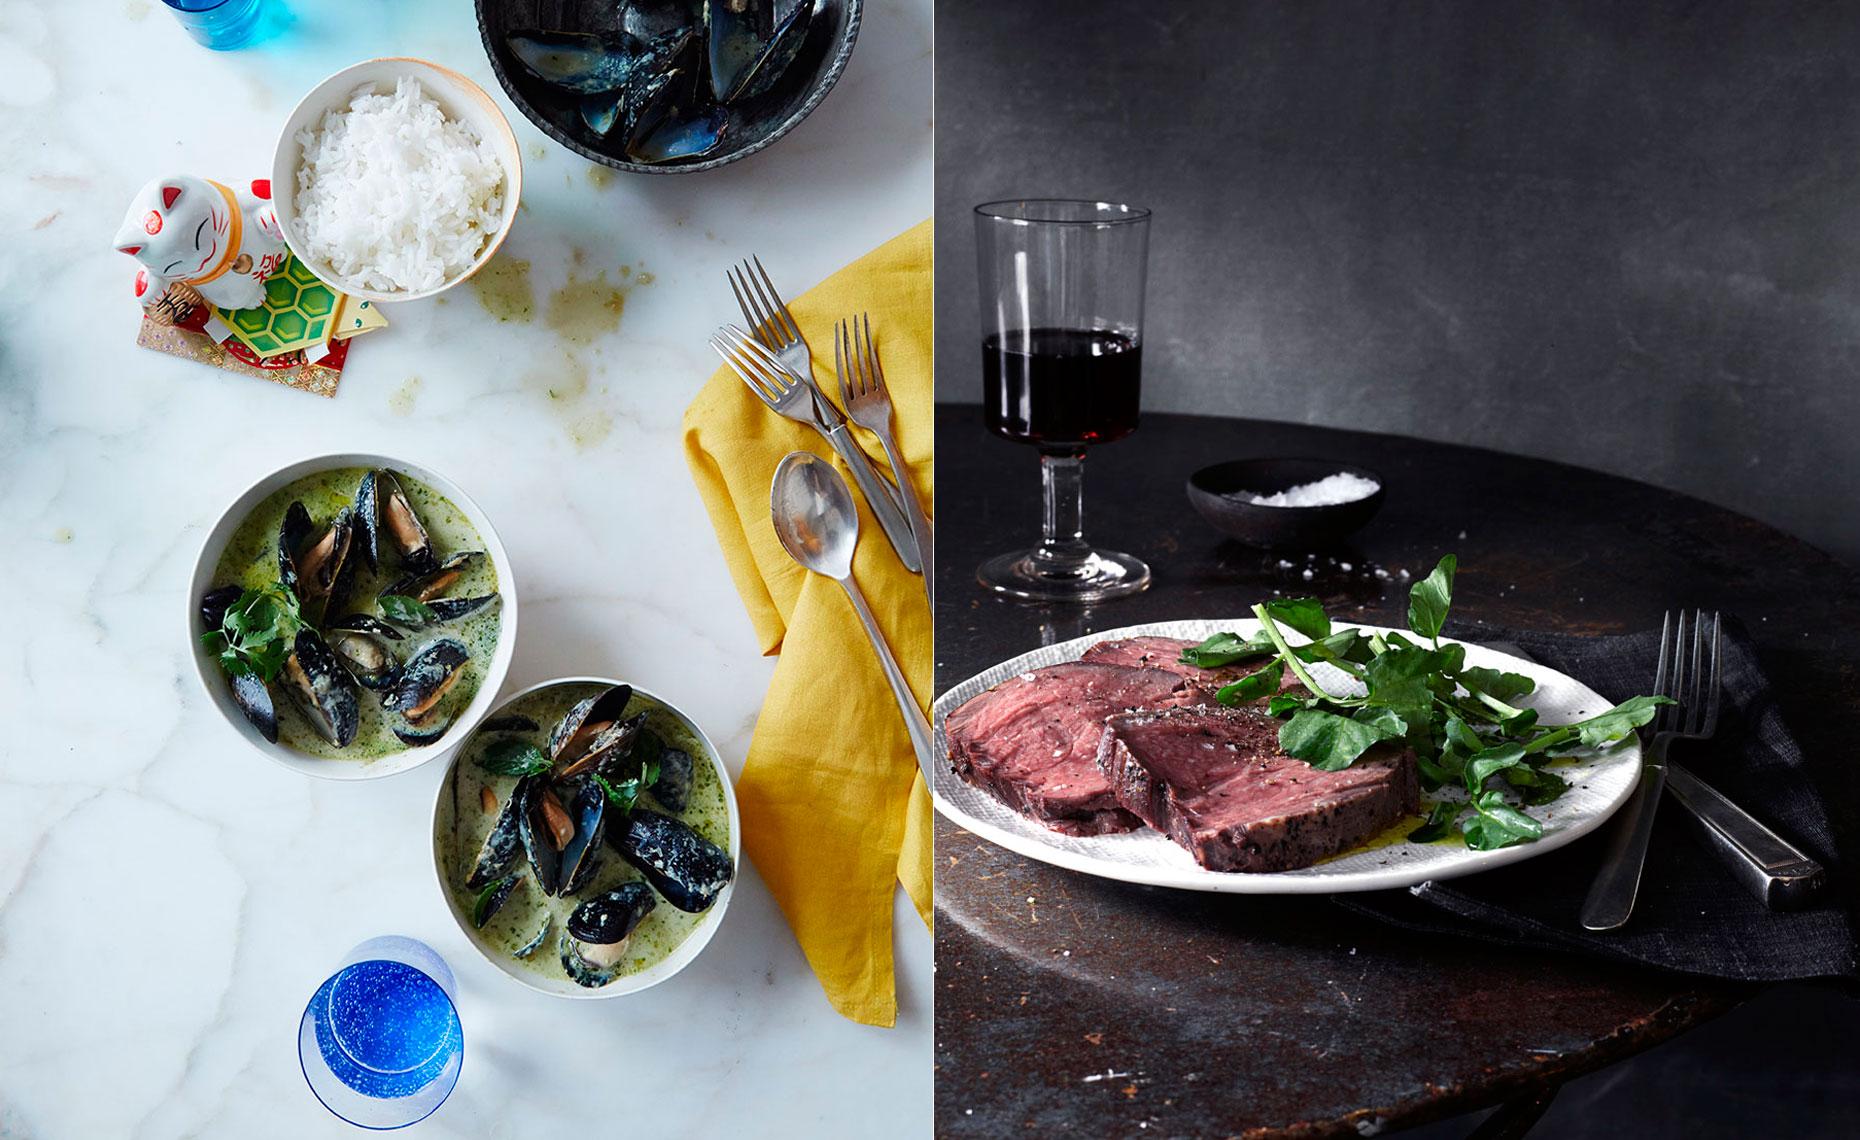 mussels-and-tenderloin.jpg